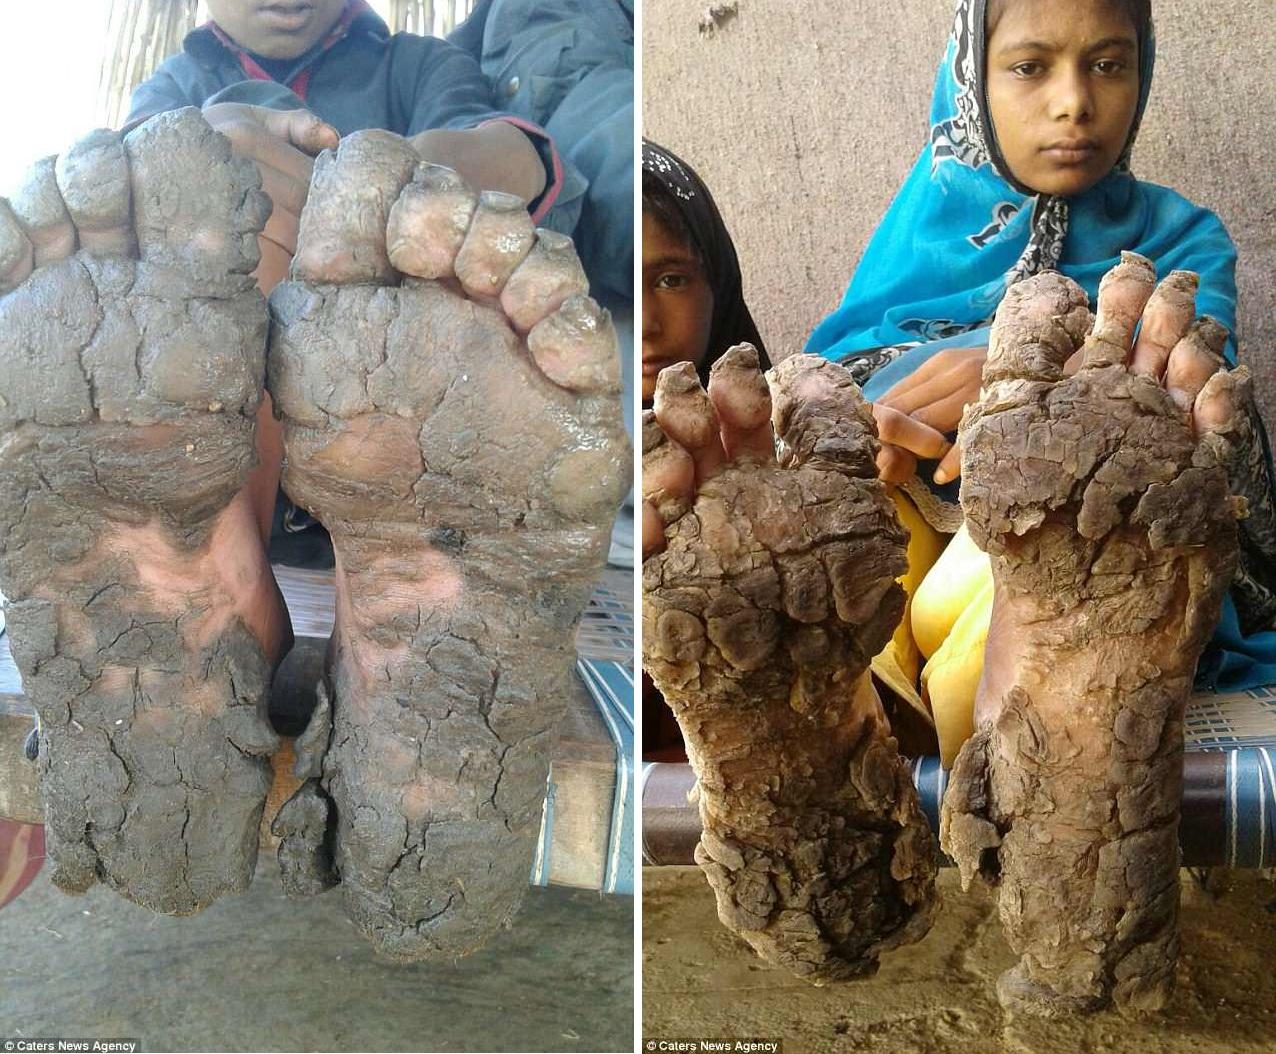 Из-за редкой аномалии руки и ноги братьев и сестер обрастают толстой жесткой коркой